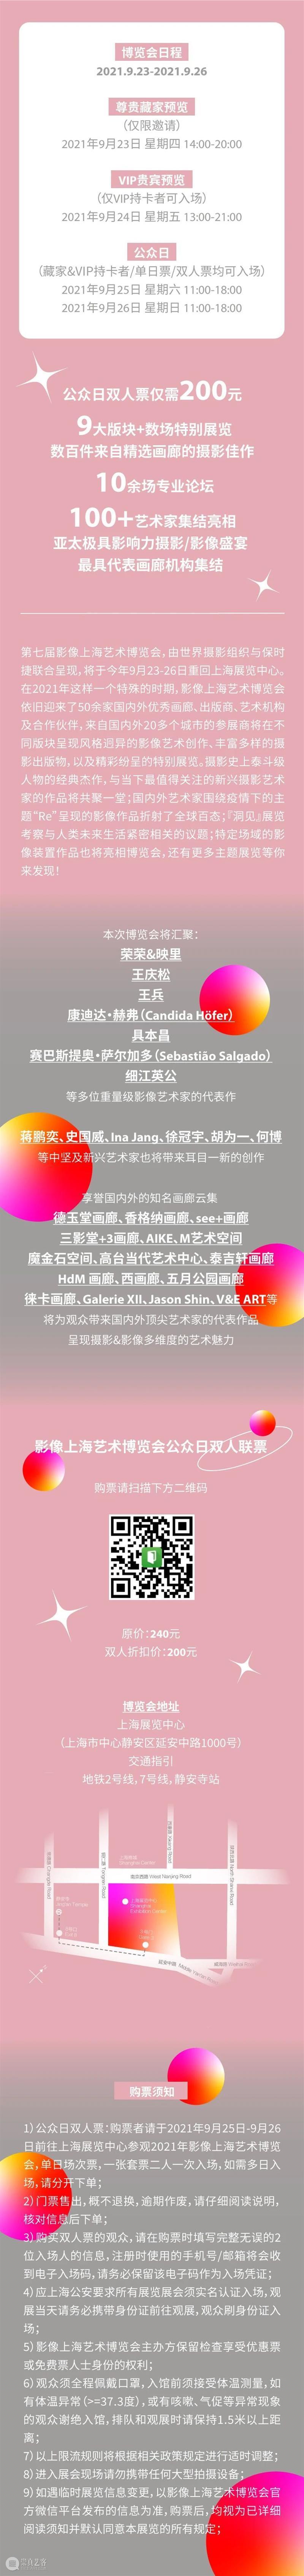 2021 影像上海艺术博览会 | 双人票正式开启! 影像 上海艺术博览会 双人 原文 上海艺术博览会双人票 崇真艺客